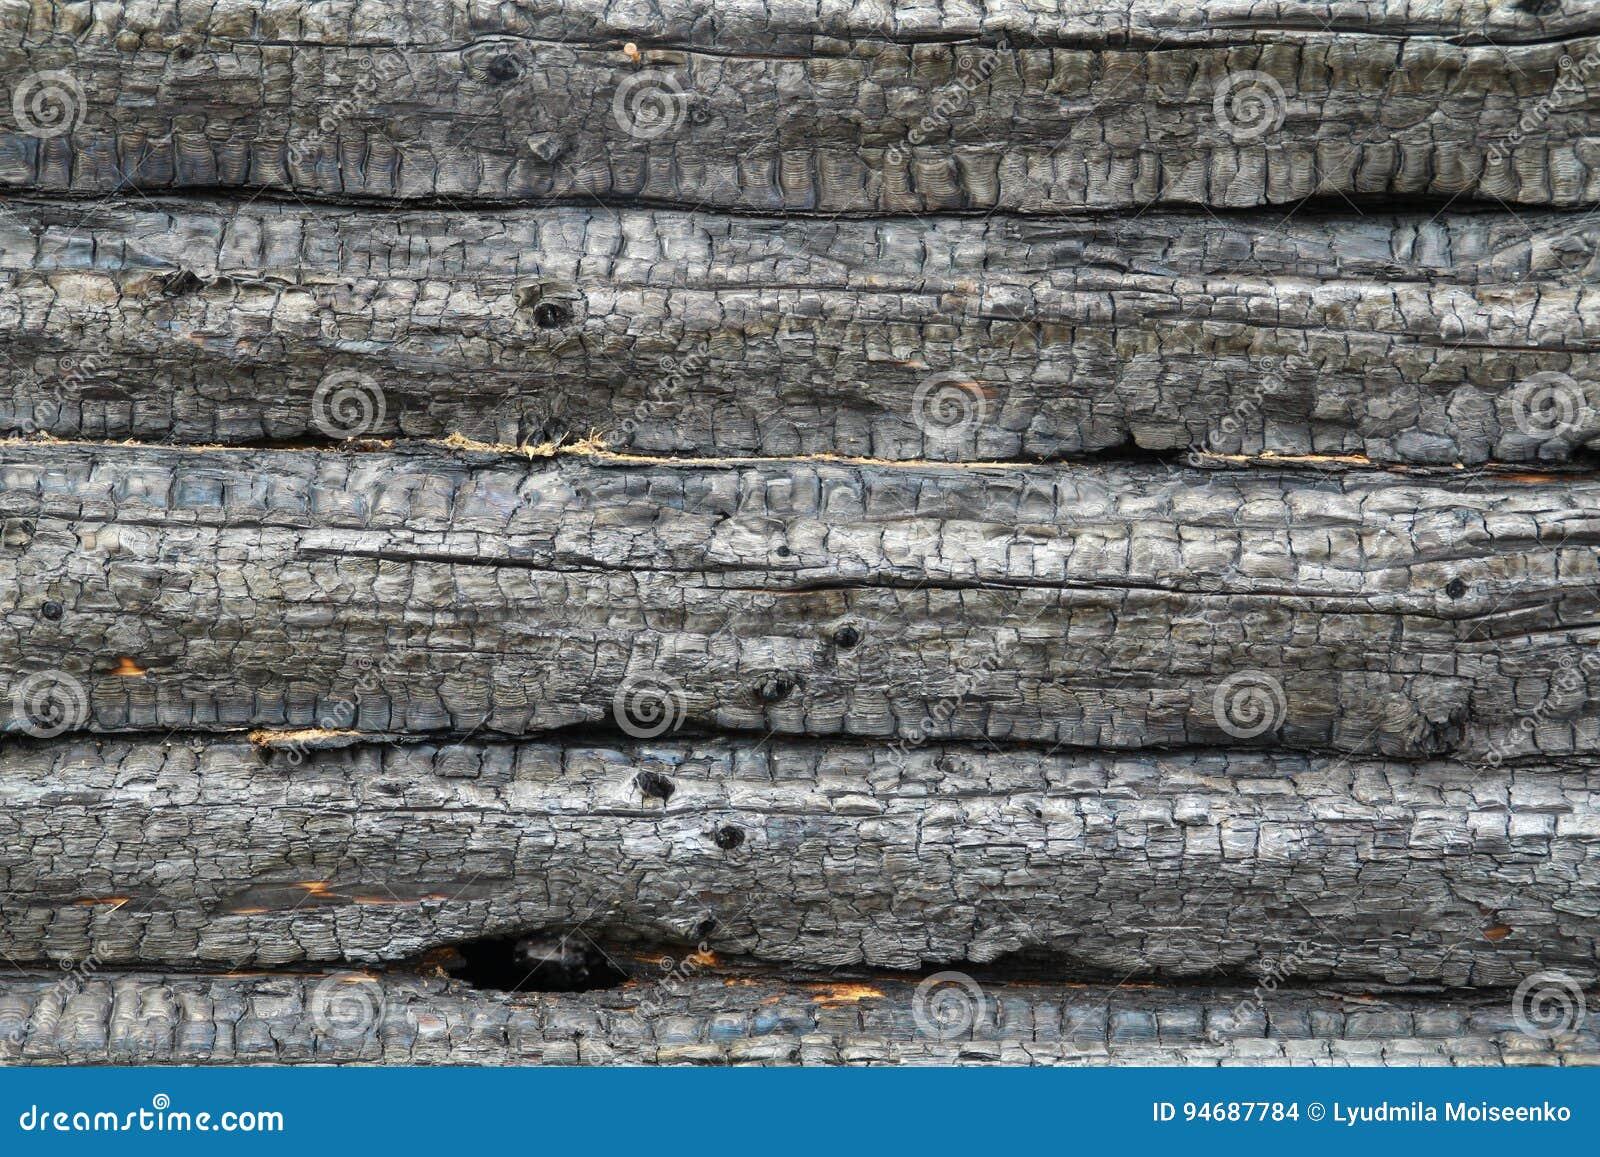 Un Arbre Rond Un Mur De Bois A Noirci Par Le Feu Fond Photo Stock